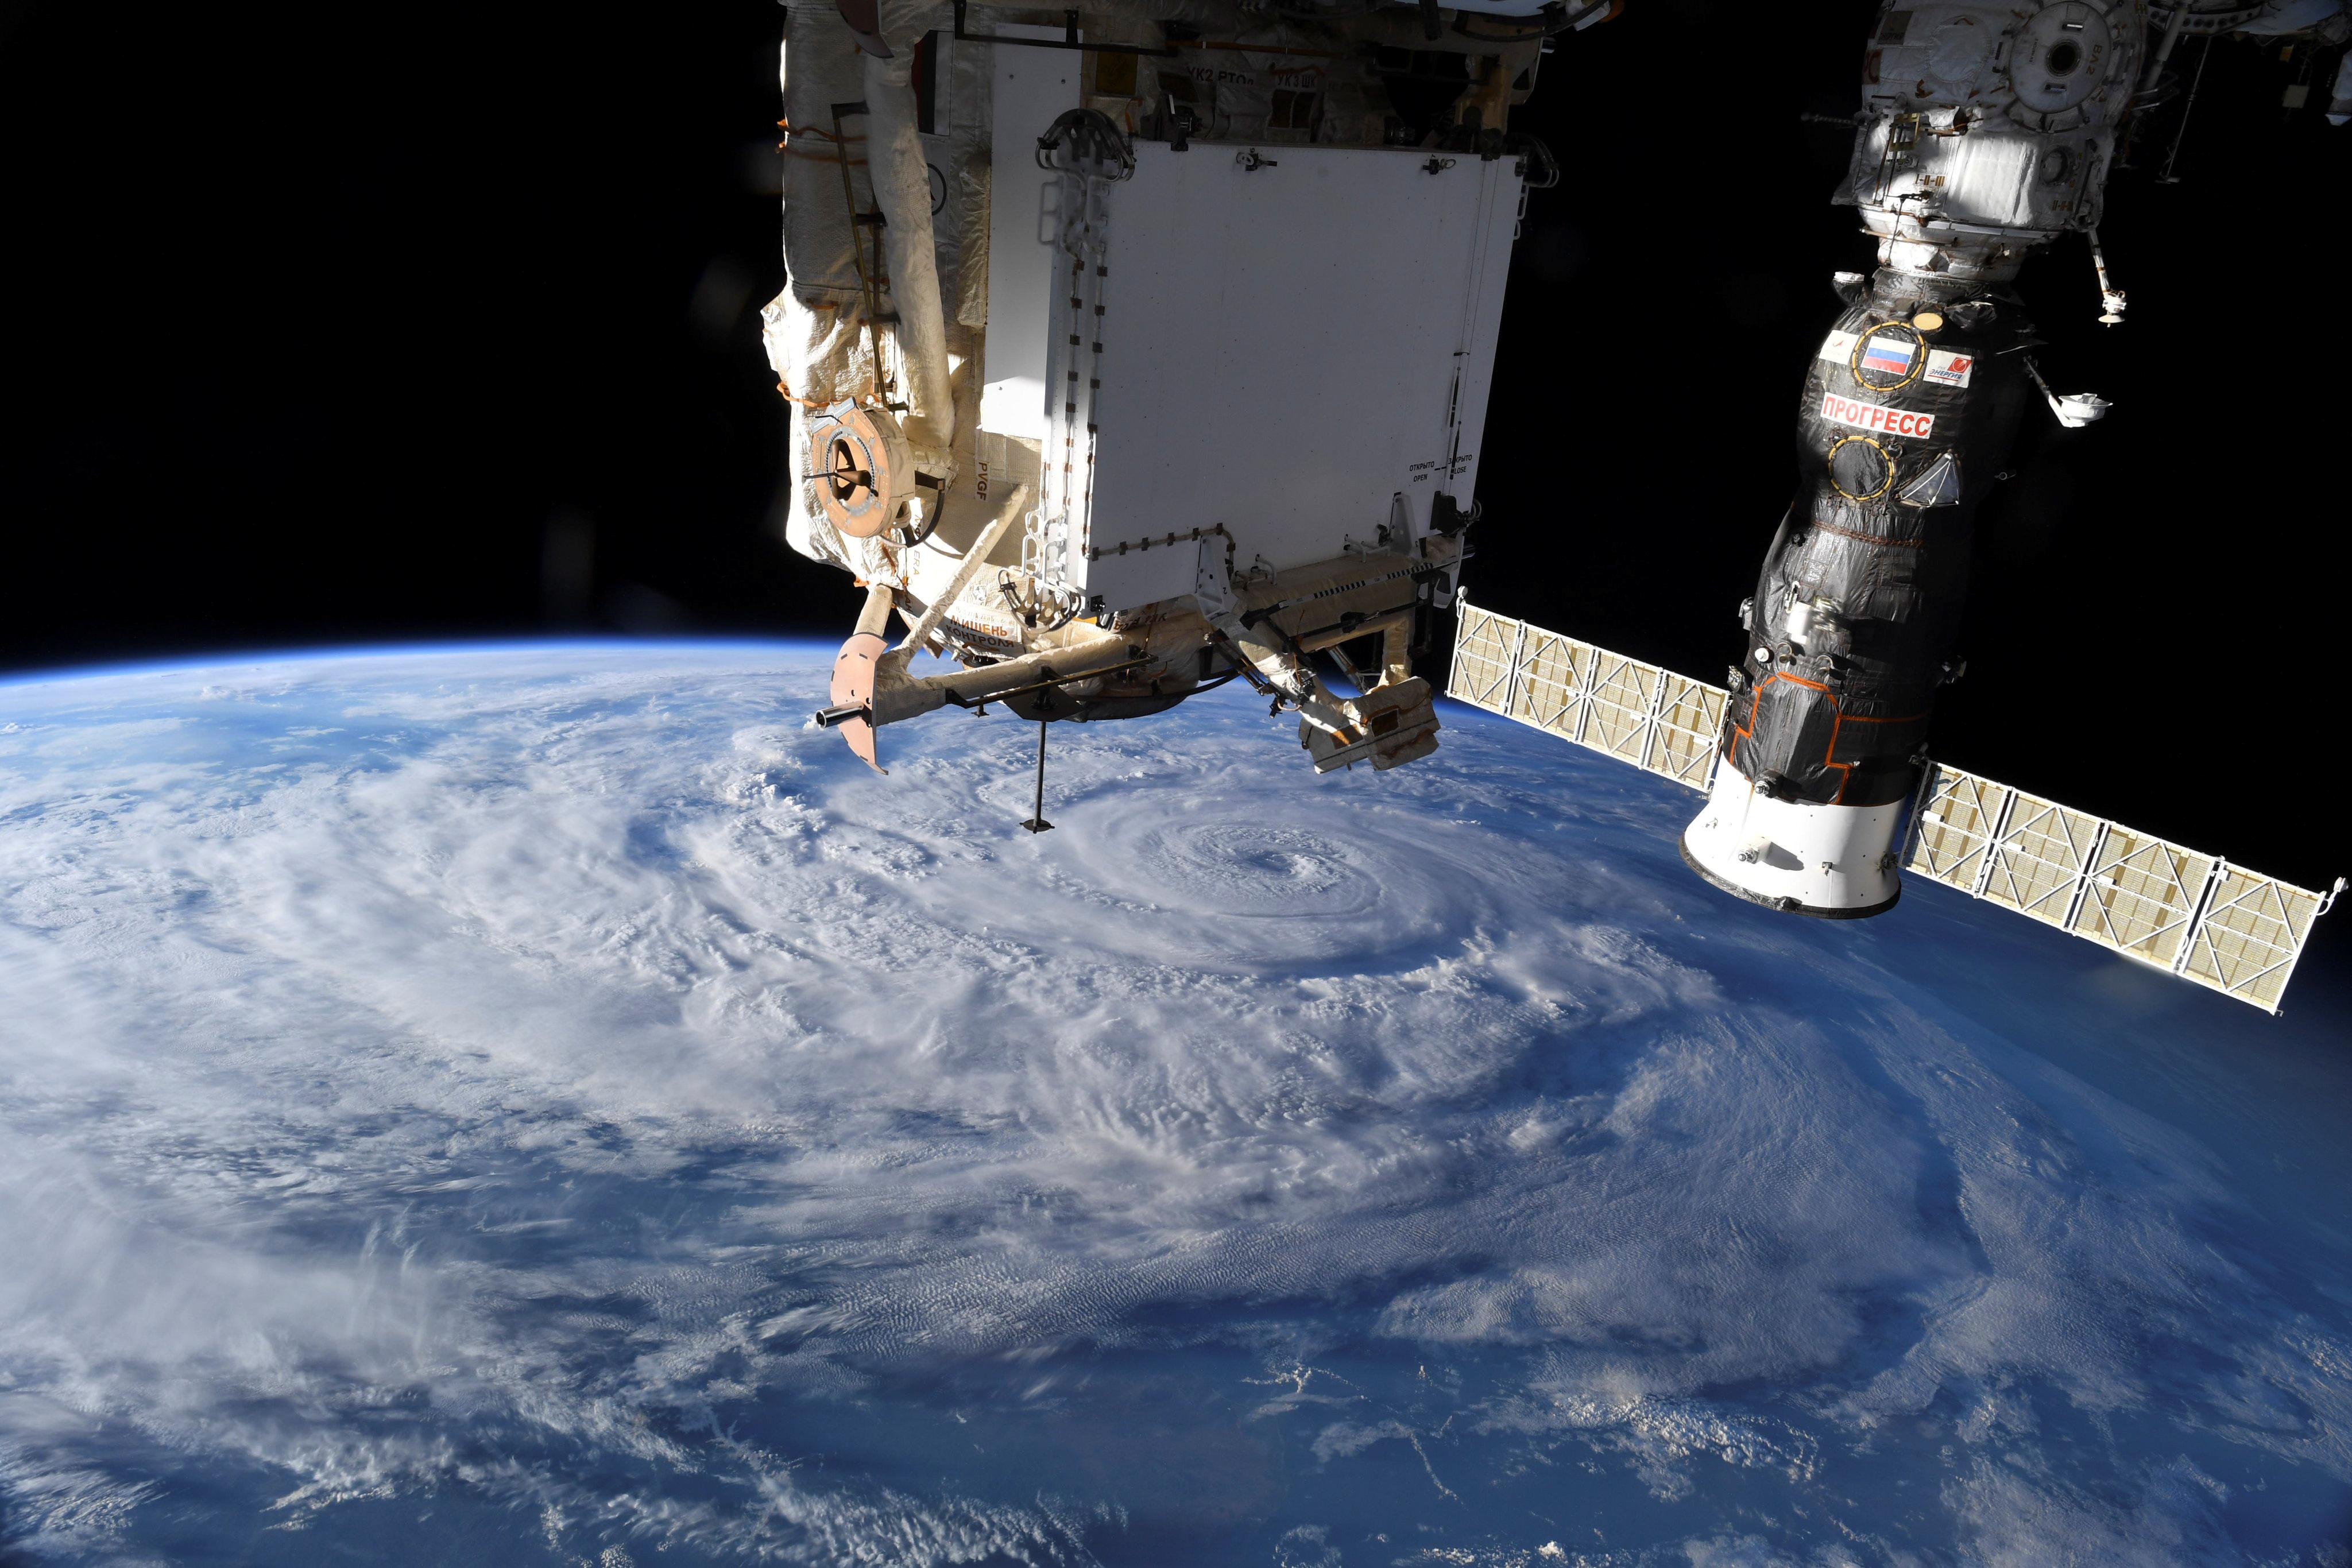 Накануне выборов в США на Землю может упасть астероид